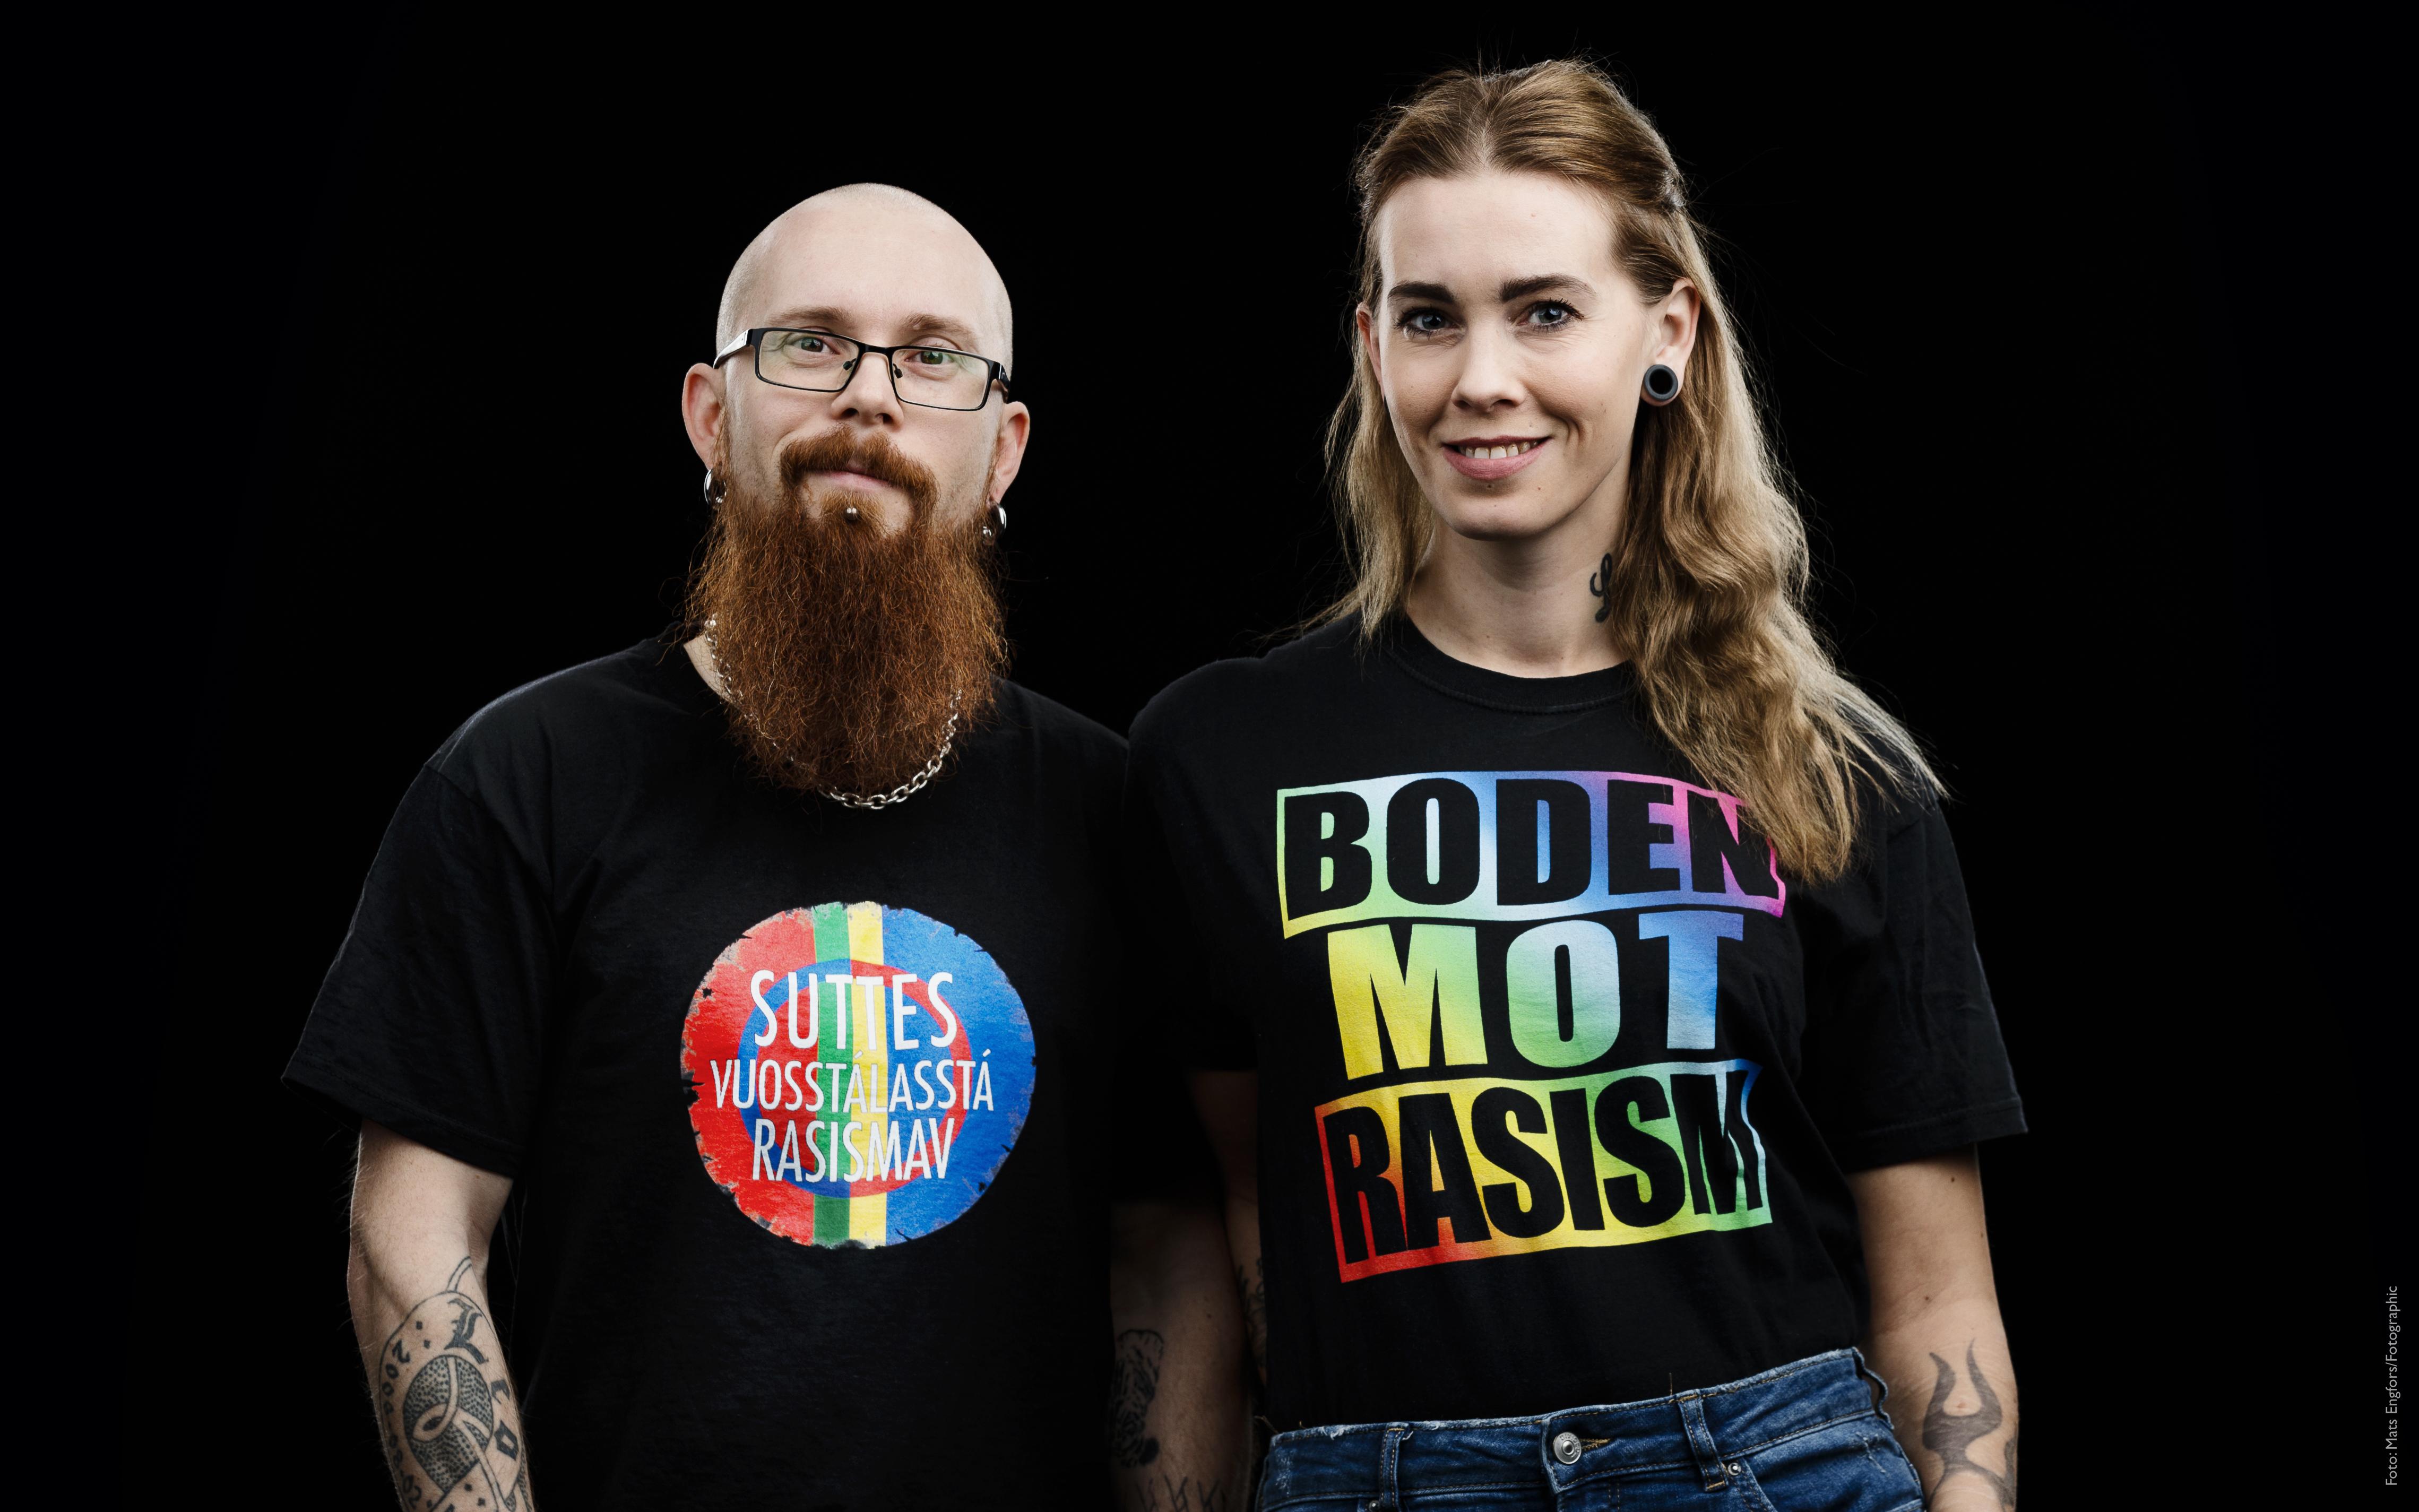 Raymond Stokki och Martina Grenholm, nominerad till Årets Bodensare 2018